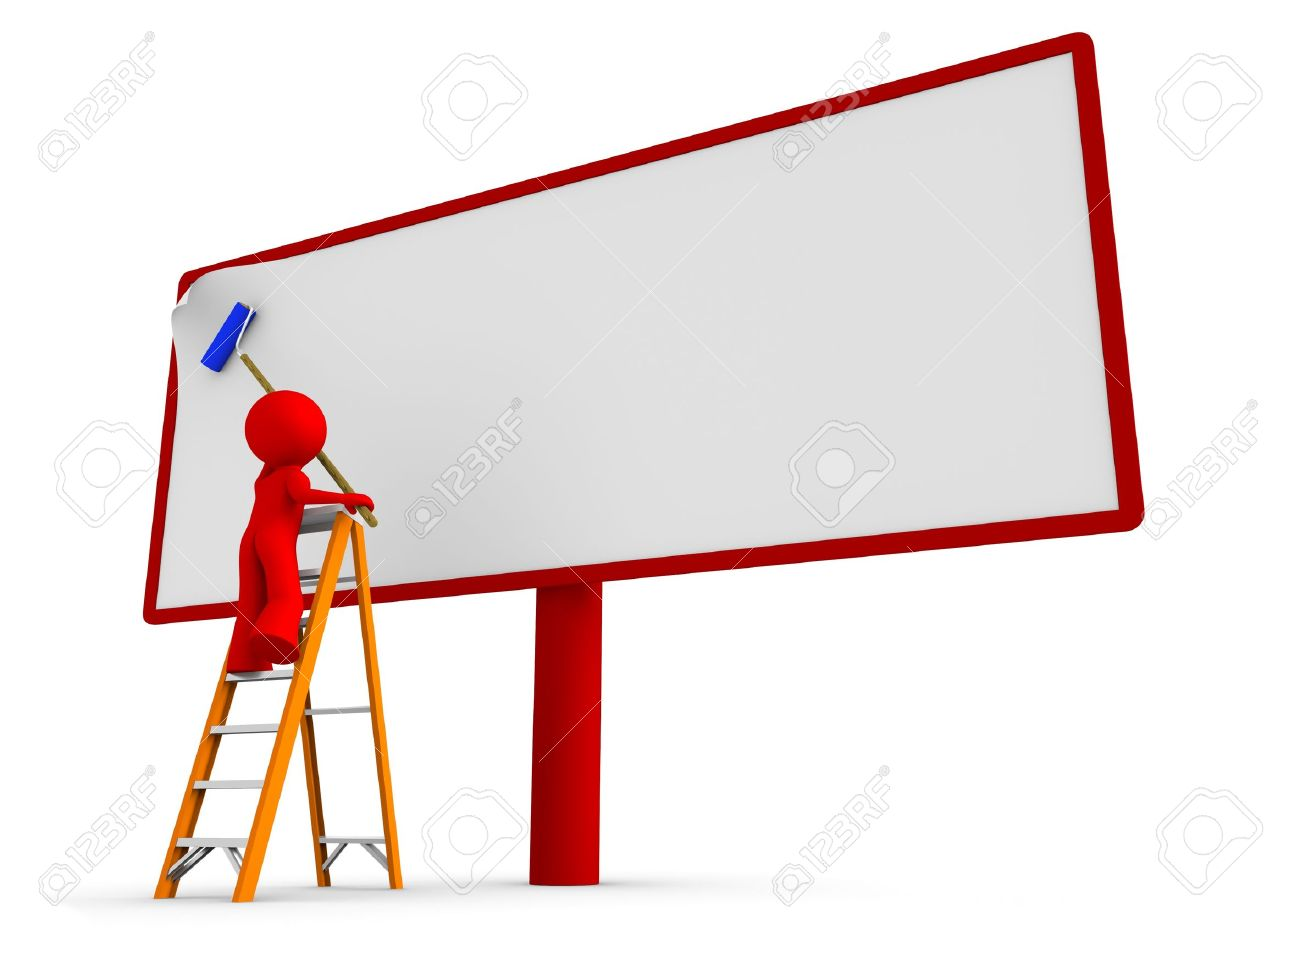 9198419-Hombre-de-pie-en-una-escalera-poner-un-cartel-en-blanco-nuevo-a-una-cartelera-Trazado-de-recorte-cor-Foto-de-archivo